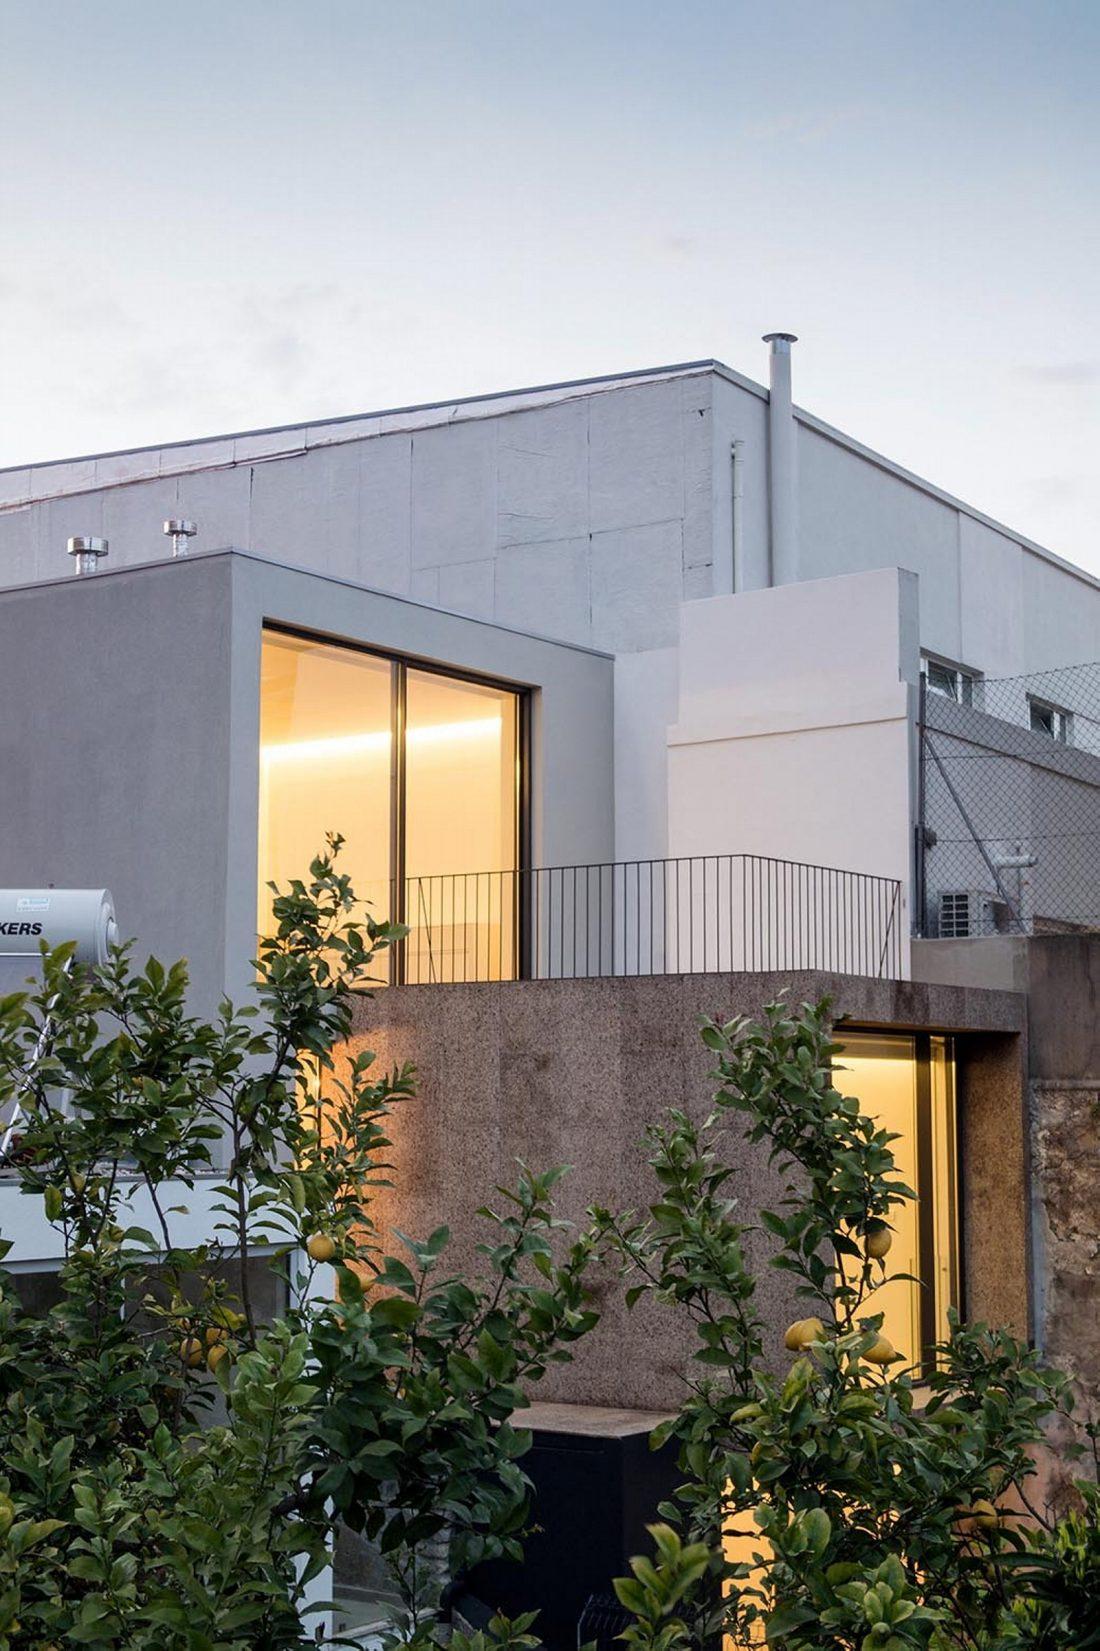 Реконструкция старинного дома Bonjardim House в Португалии по проекту ATKA arquitectos 4